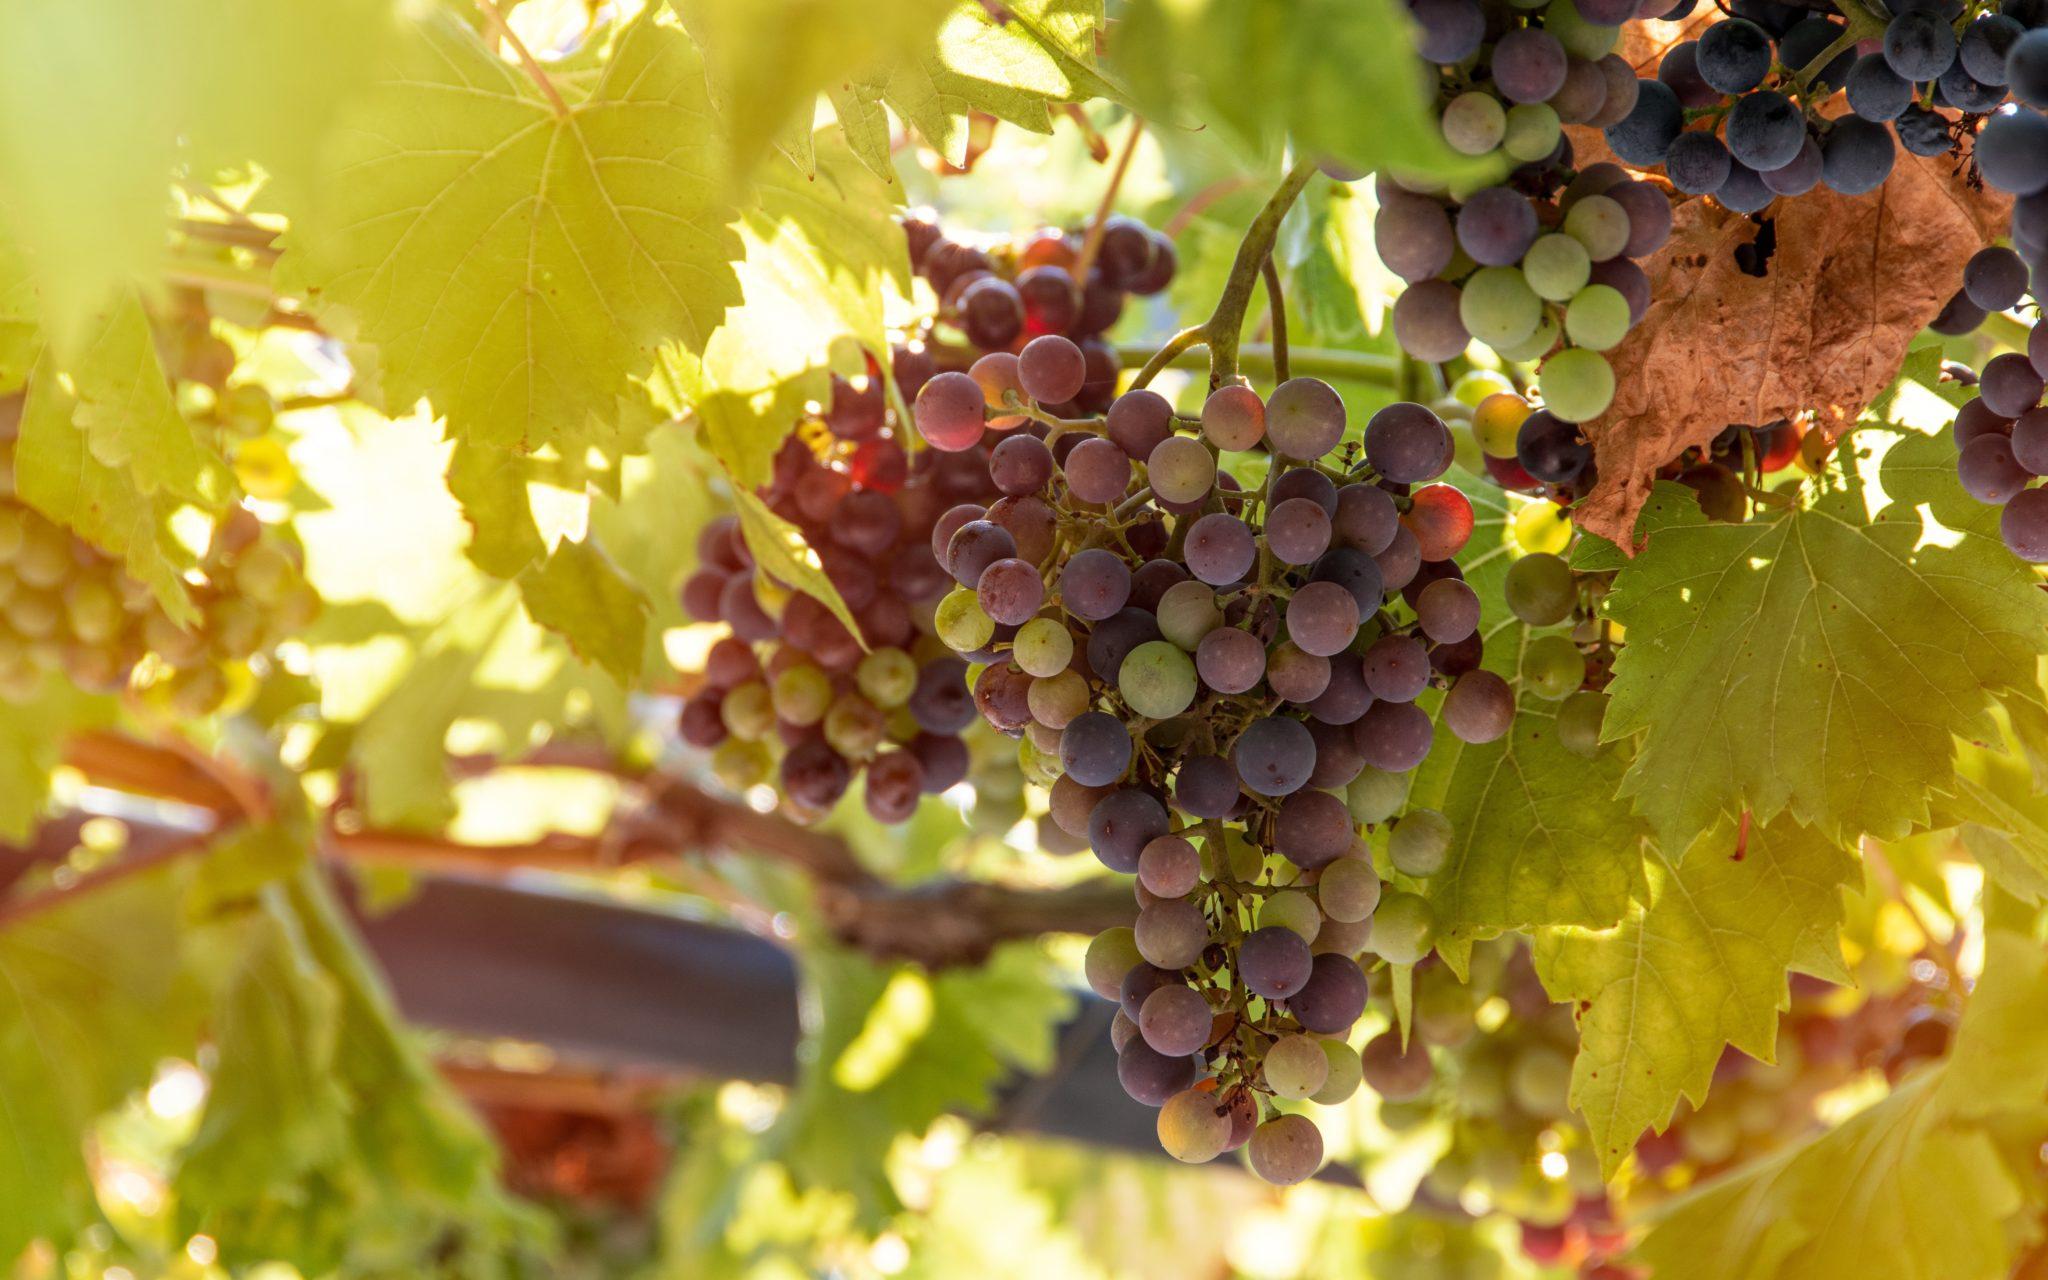 bunch of grapes 4610050 - [Wiedza o winie] Co to jest wino?